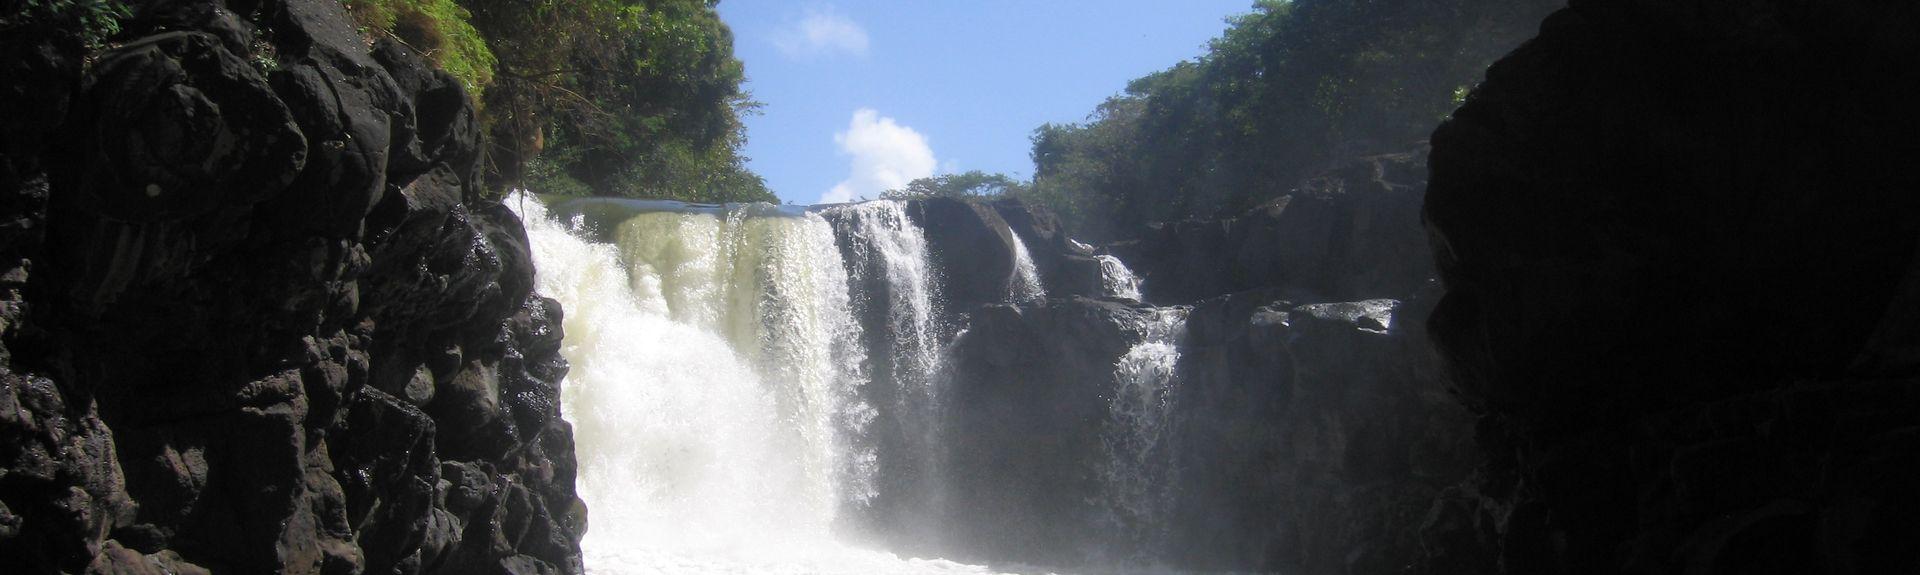 Rivière du Rempart, Mauritius